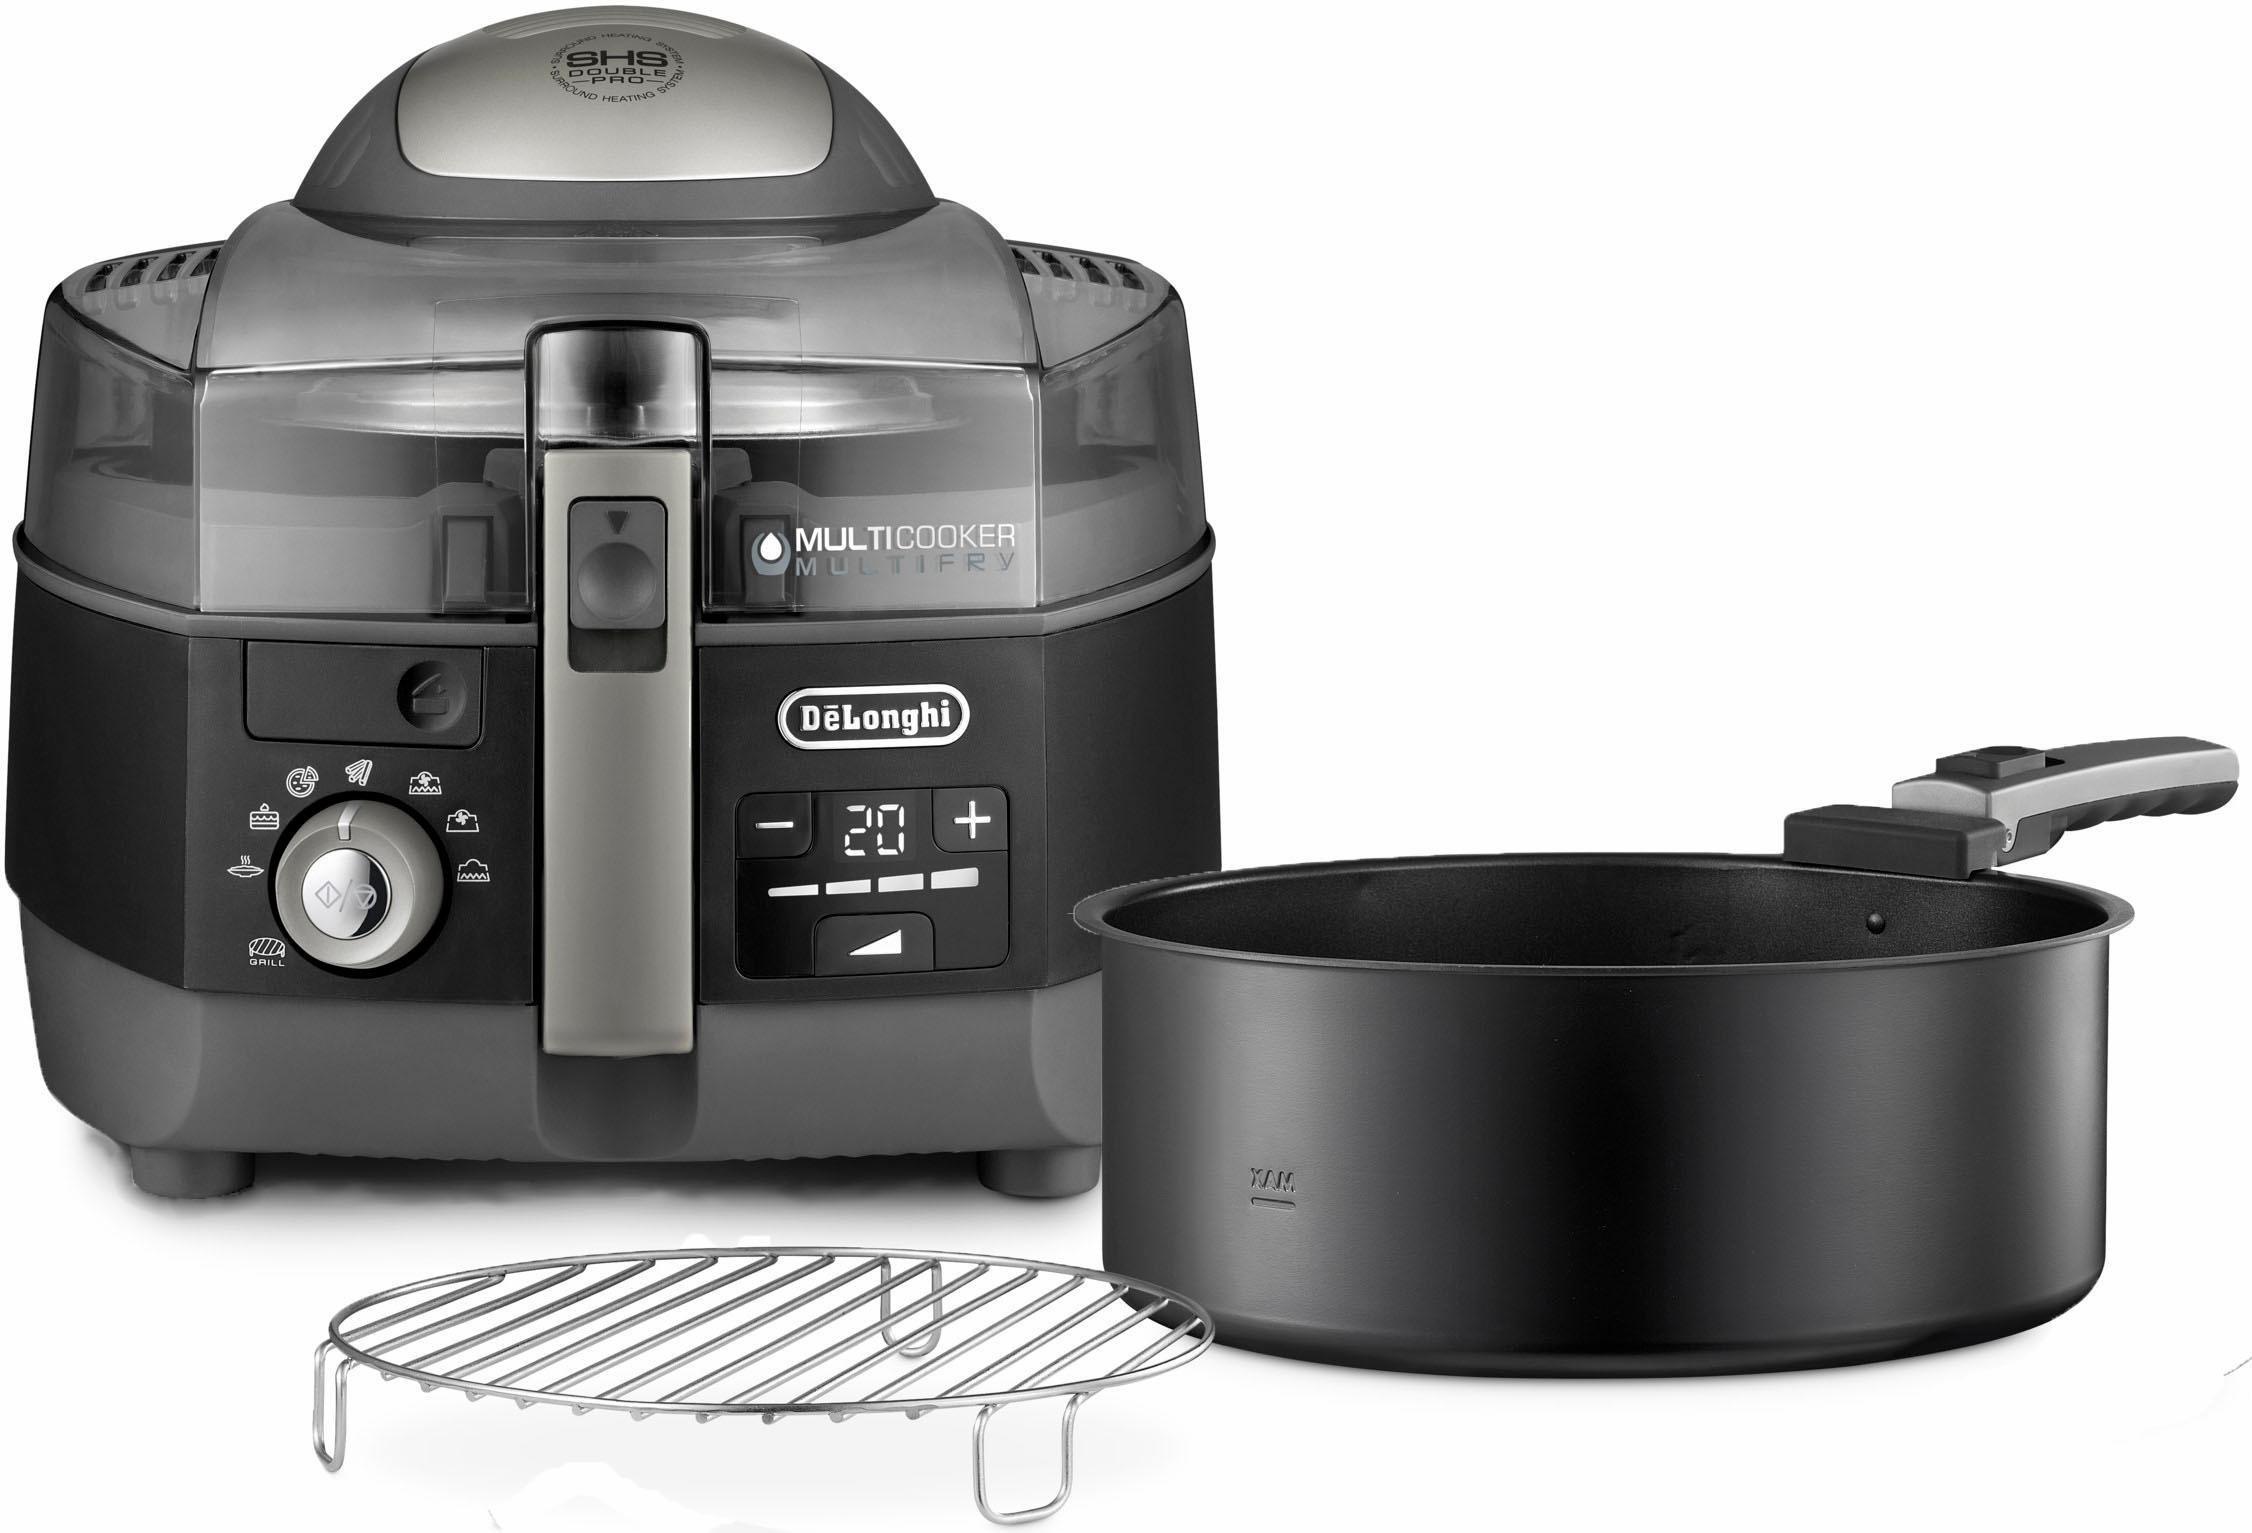 Delonghi heteluchtfriteuse & multicooker MultiFry EXTRA CHEF FH1396/1, zwart in de webshop van OTTO kopen